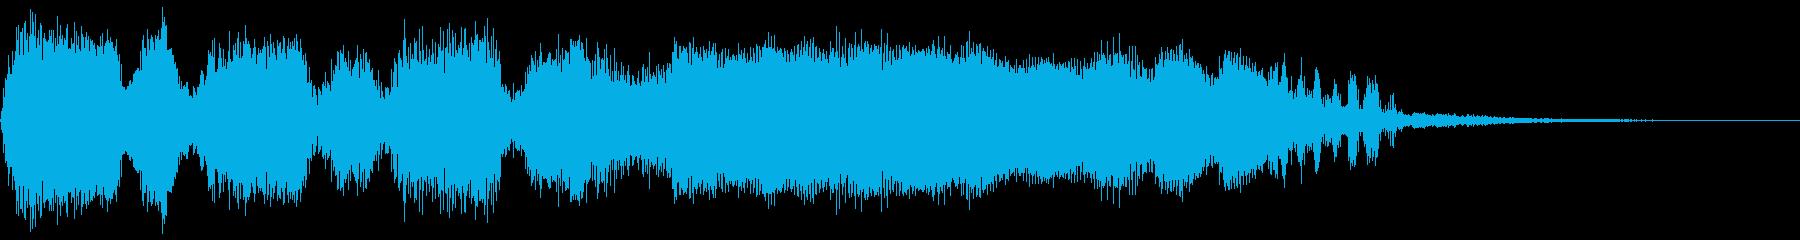 失敗時のファンファーレ1の再生済みの波形